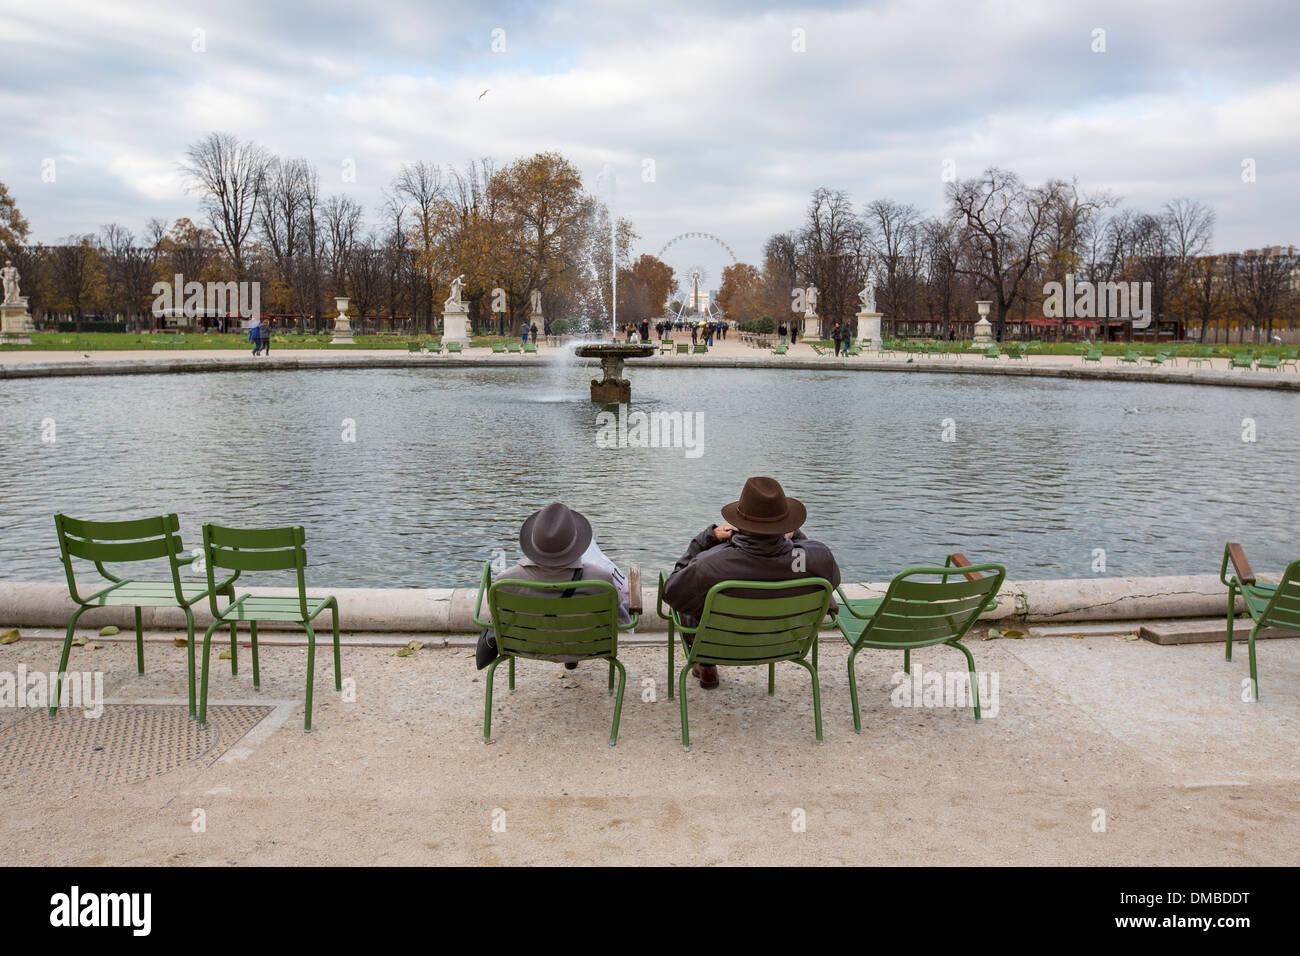 Le Grand bassin rond dans le jardin des Tuileries, Paris Photo Stock